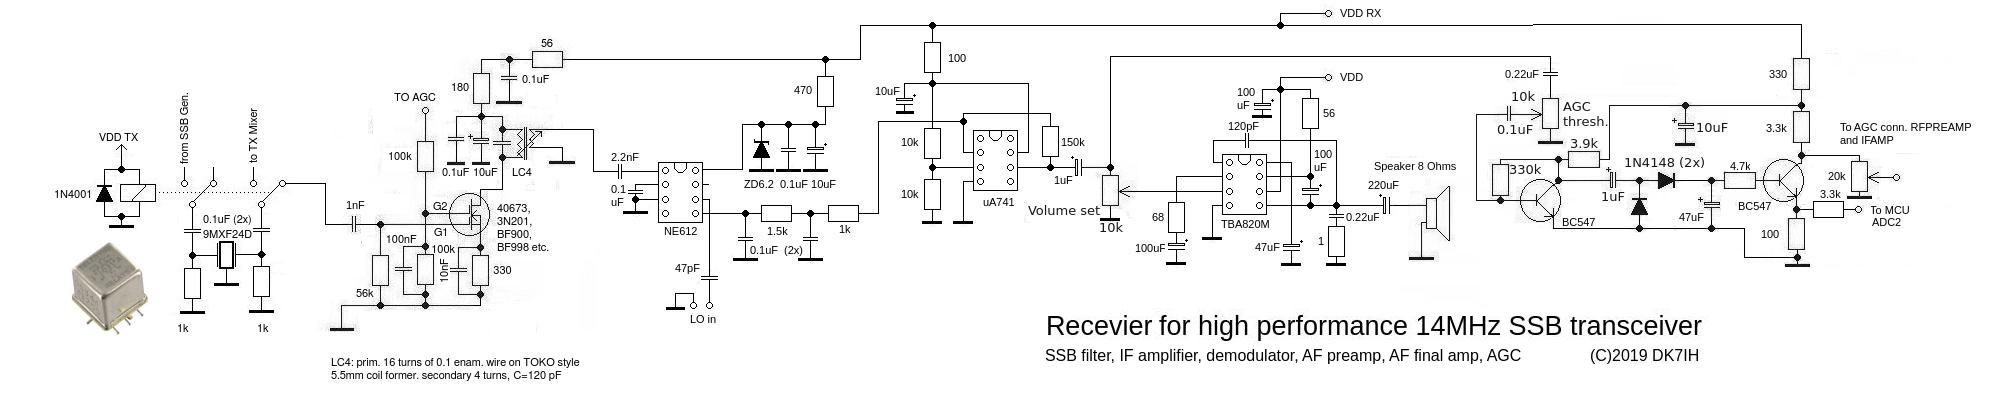 DK7IH - High performance Transceiver 14MHz- Receiver - SSB filter, IF amp, ddemodulator, AF preamp, AF final amp, AGC.